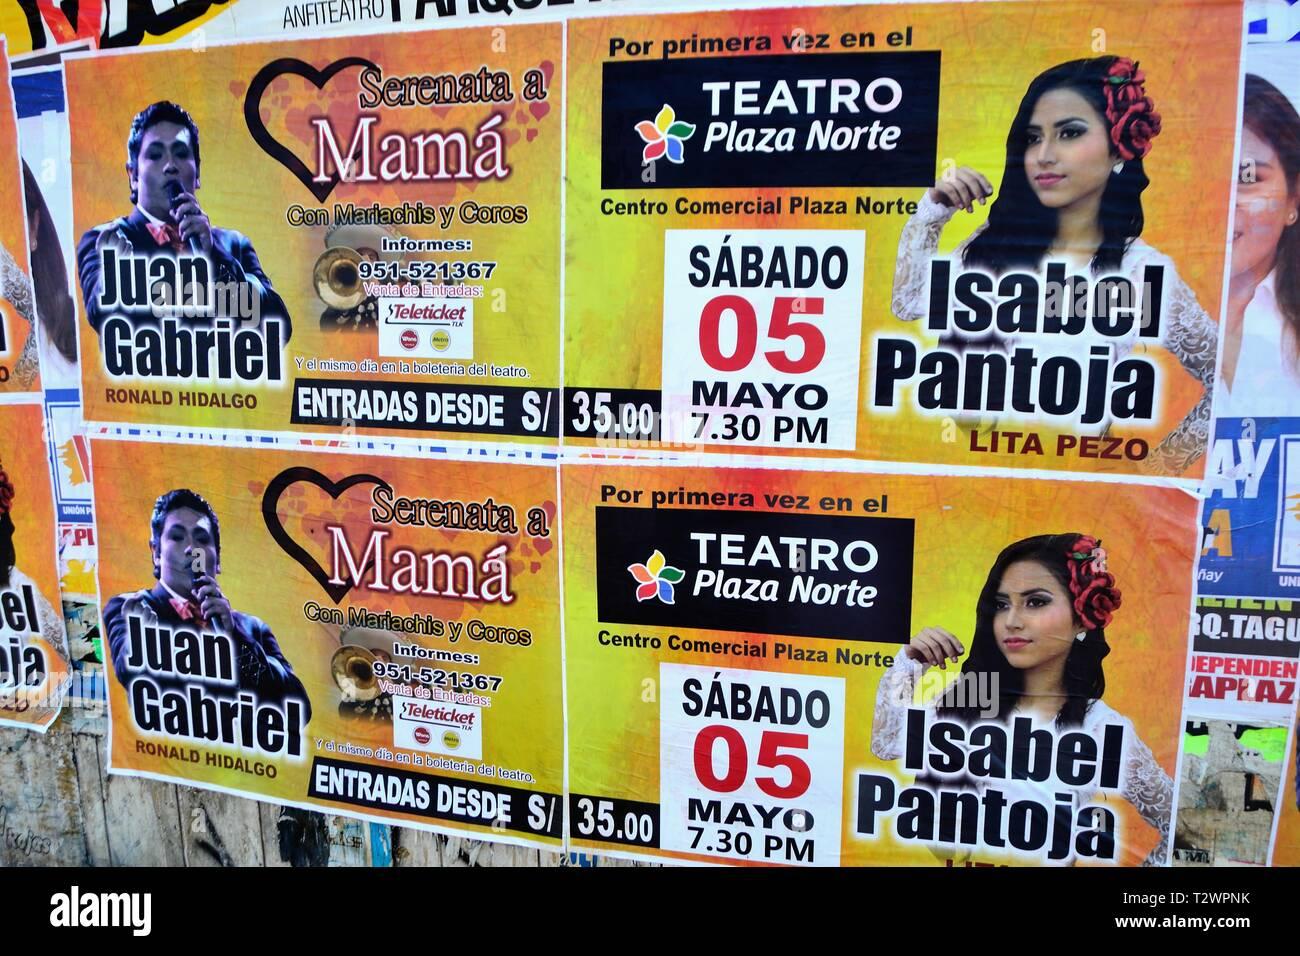 Poster d'imitateurs de célèbres chanteurs - theatre Plaza Norte à Lima. Département de Lima au Pérou. Photo Stock